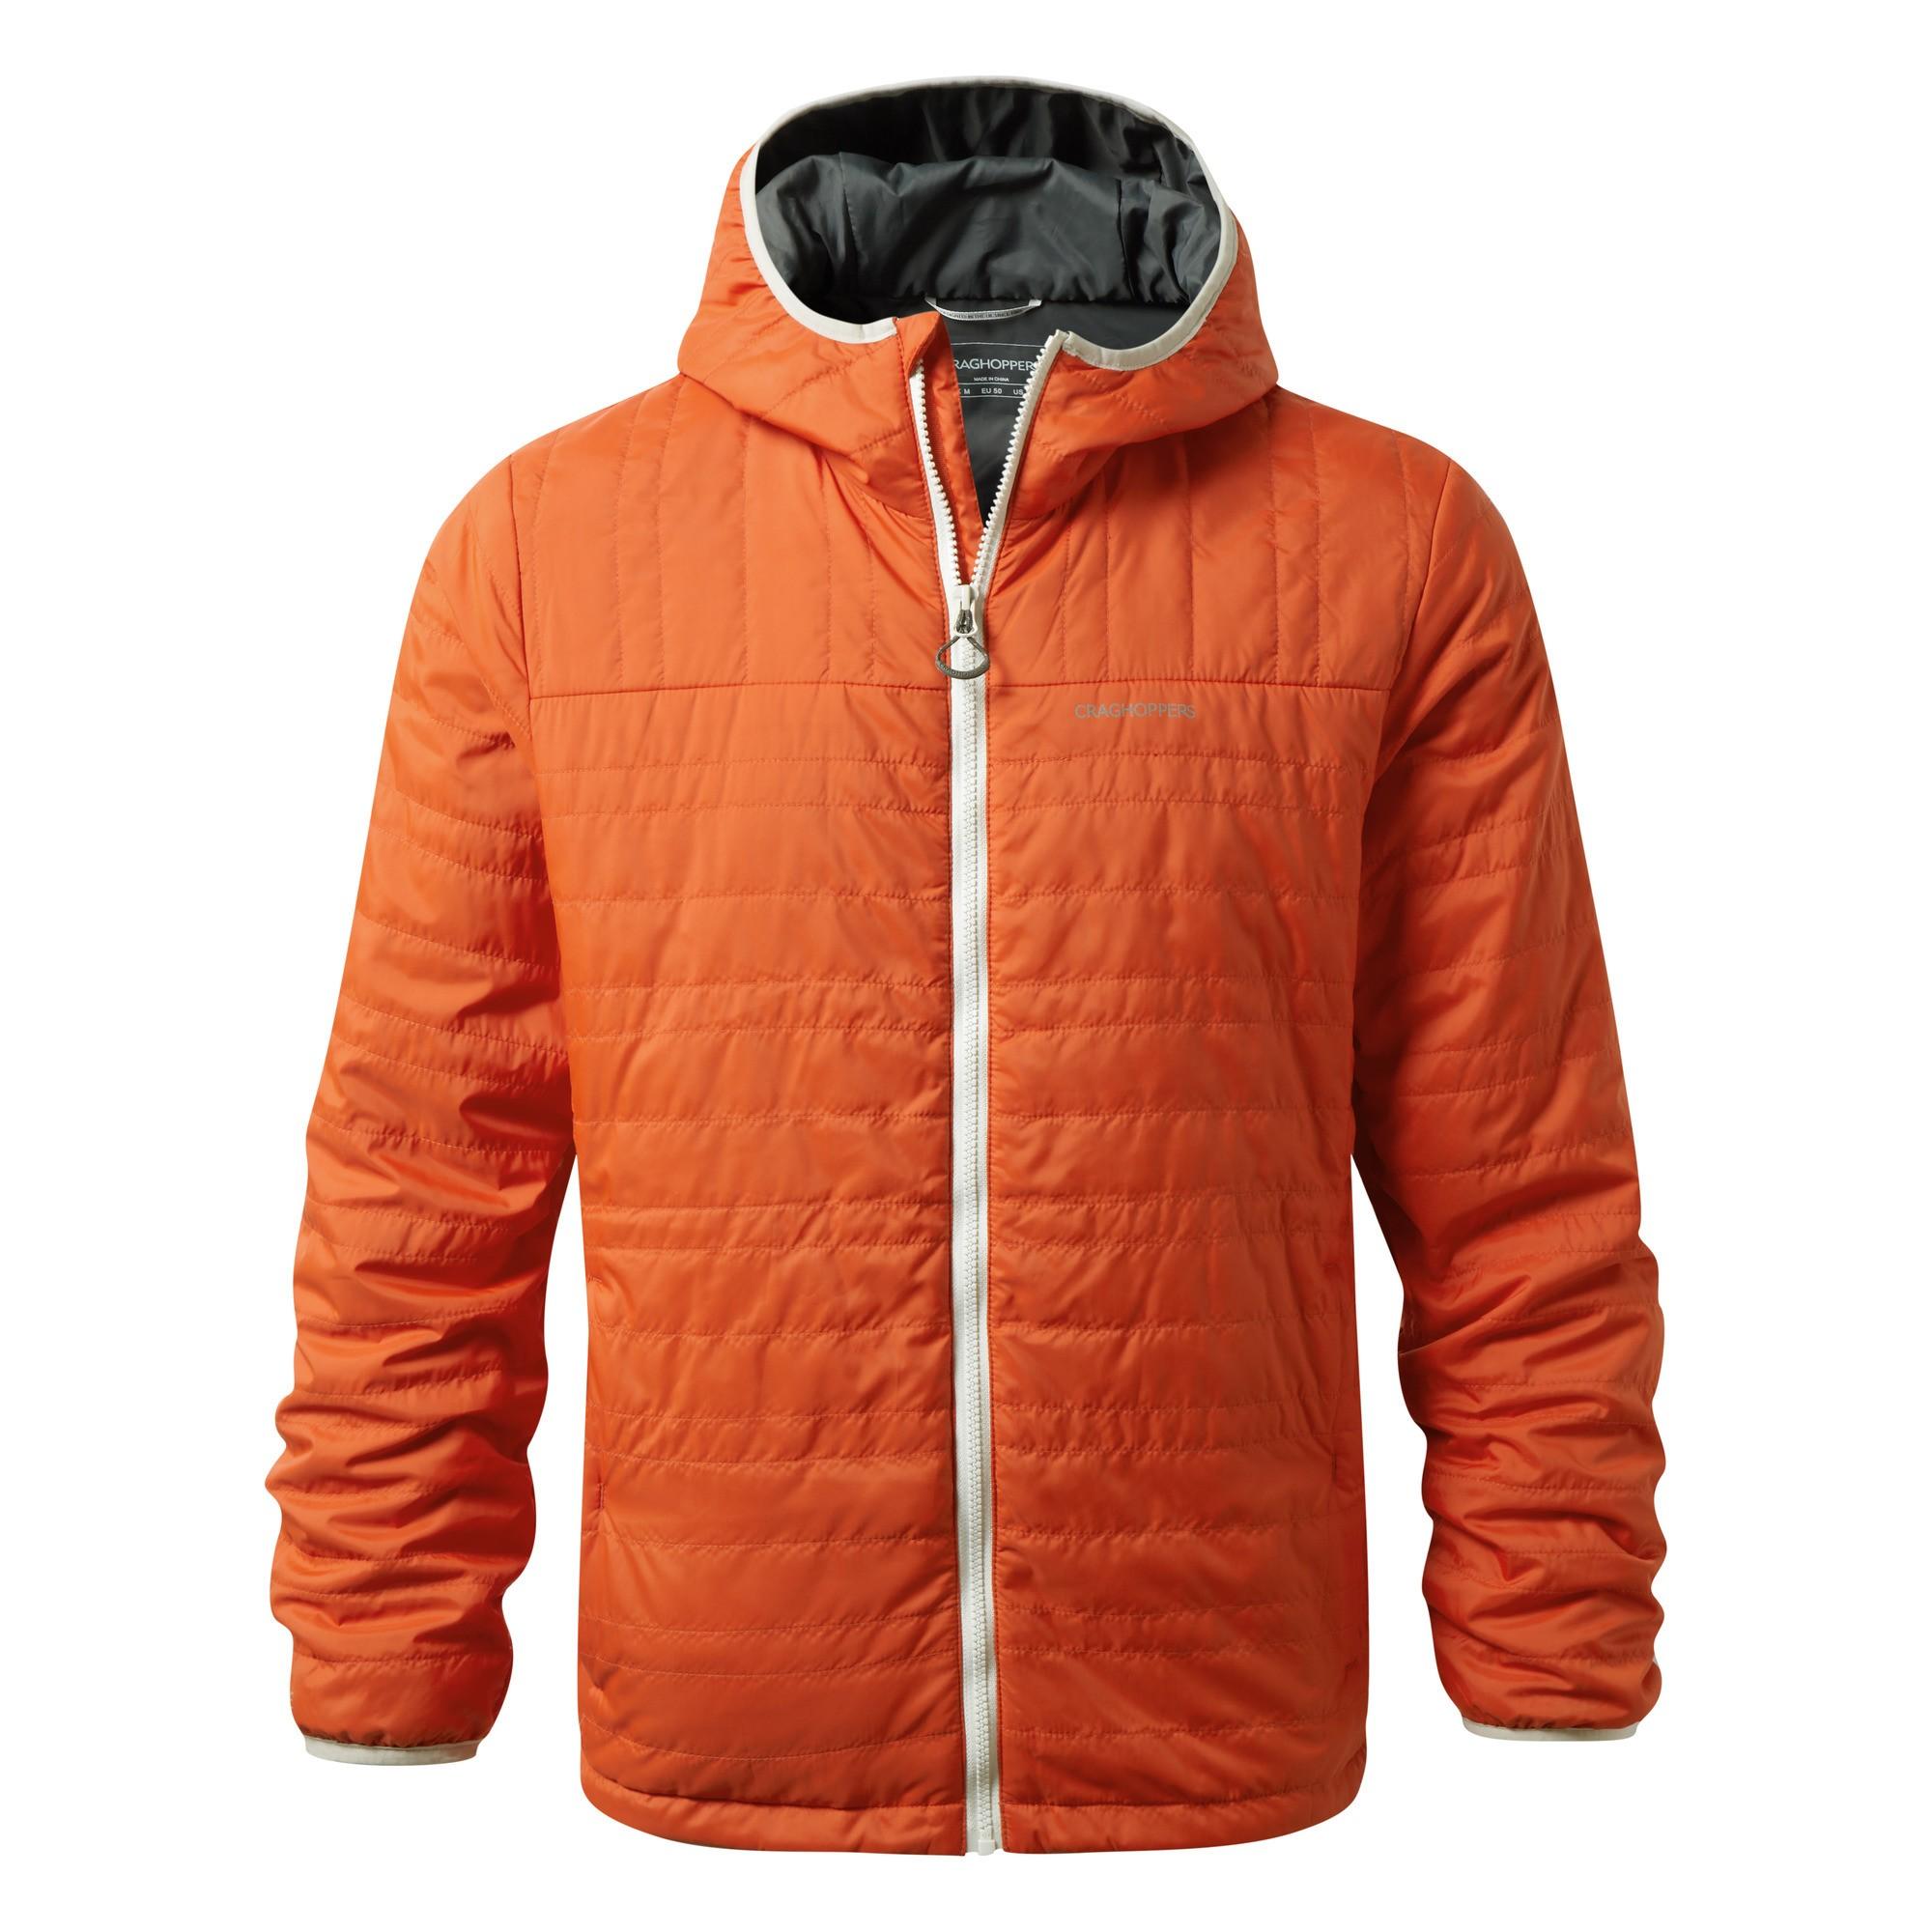 Craghoppers Mens CompressLite II Water Resistant Quilted Jacket ... : craghoppers quilted jacket - Adamdwight.com